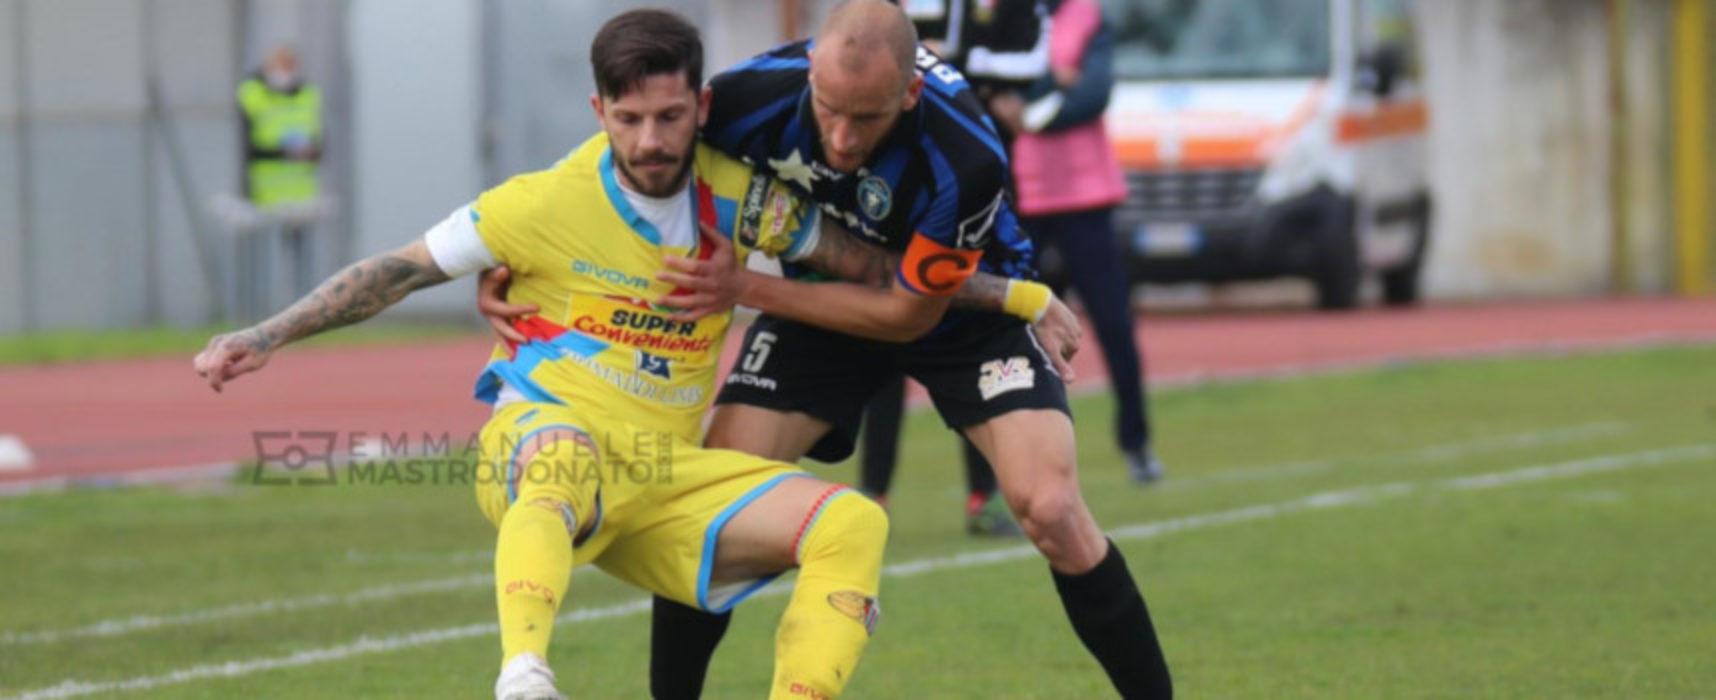 Il Bisceglie resiste un tempo contro il Catania